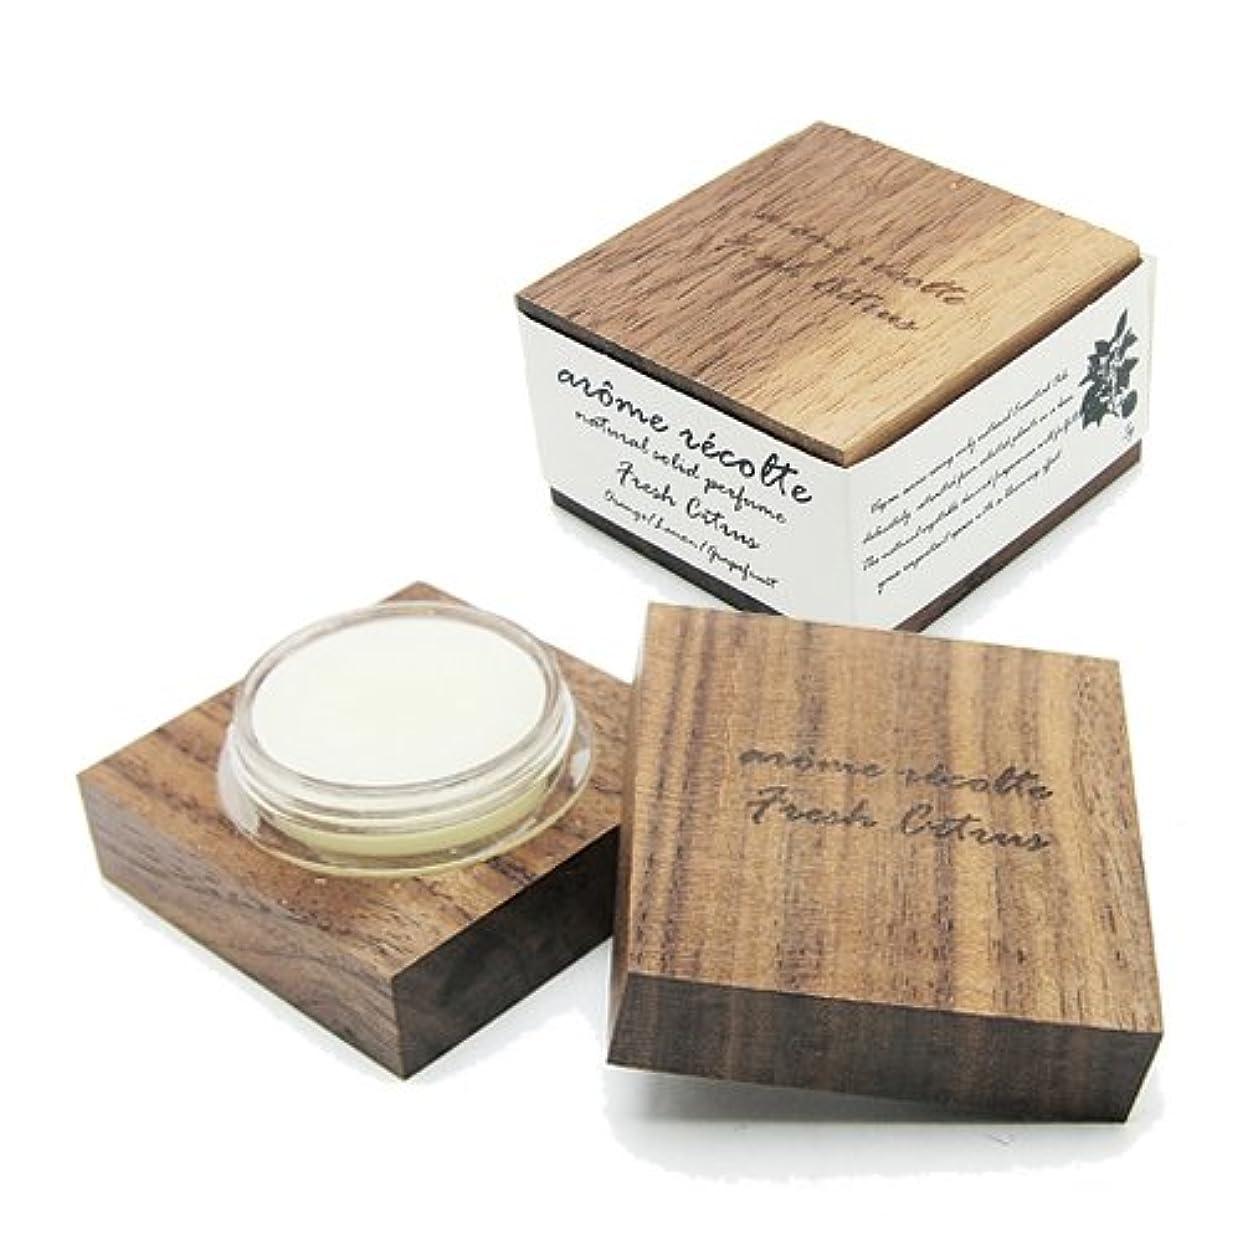 テキストスカウト硬化するアロマレコルト ナチュラル ソリッドパフューム フレッシュシトラス Fresh Citurs arome recolte 練り香水